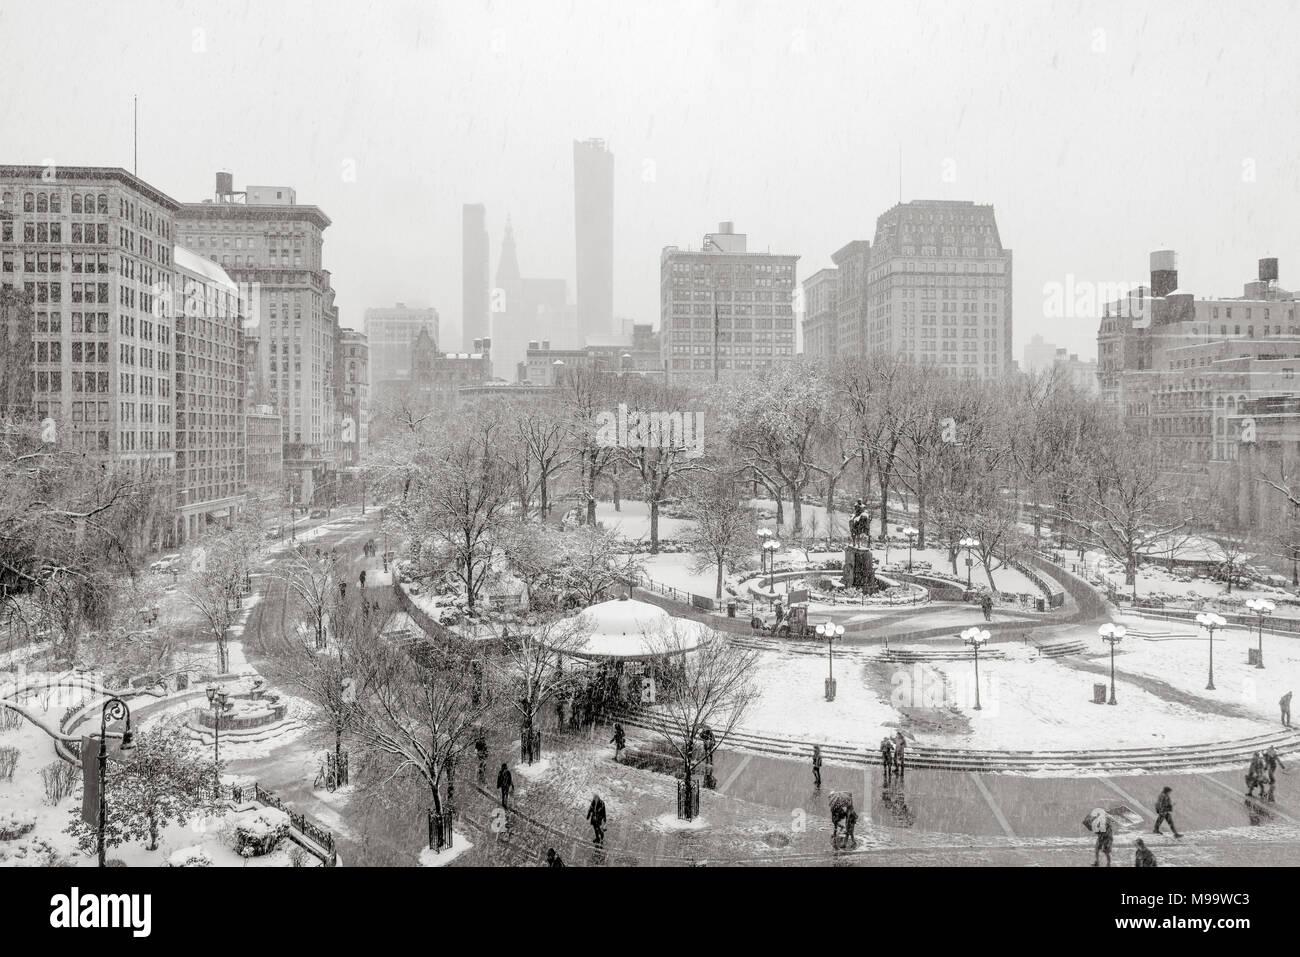 Union Square Park en invierno bajo la nieve (Black & White). Manhattan, Ciudad de Nueva York Imagen De Stock